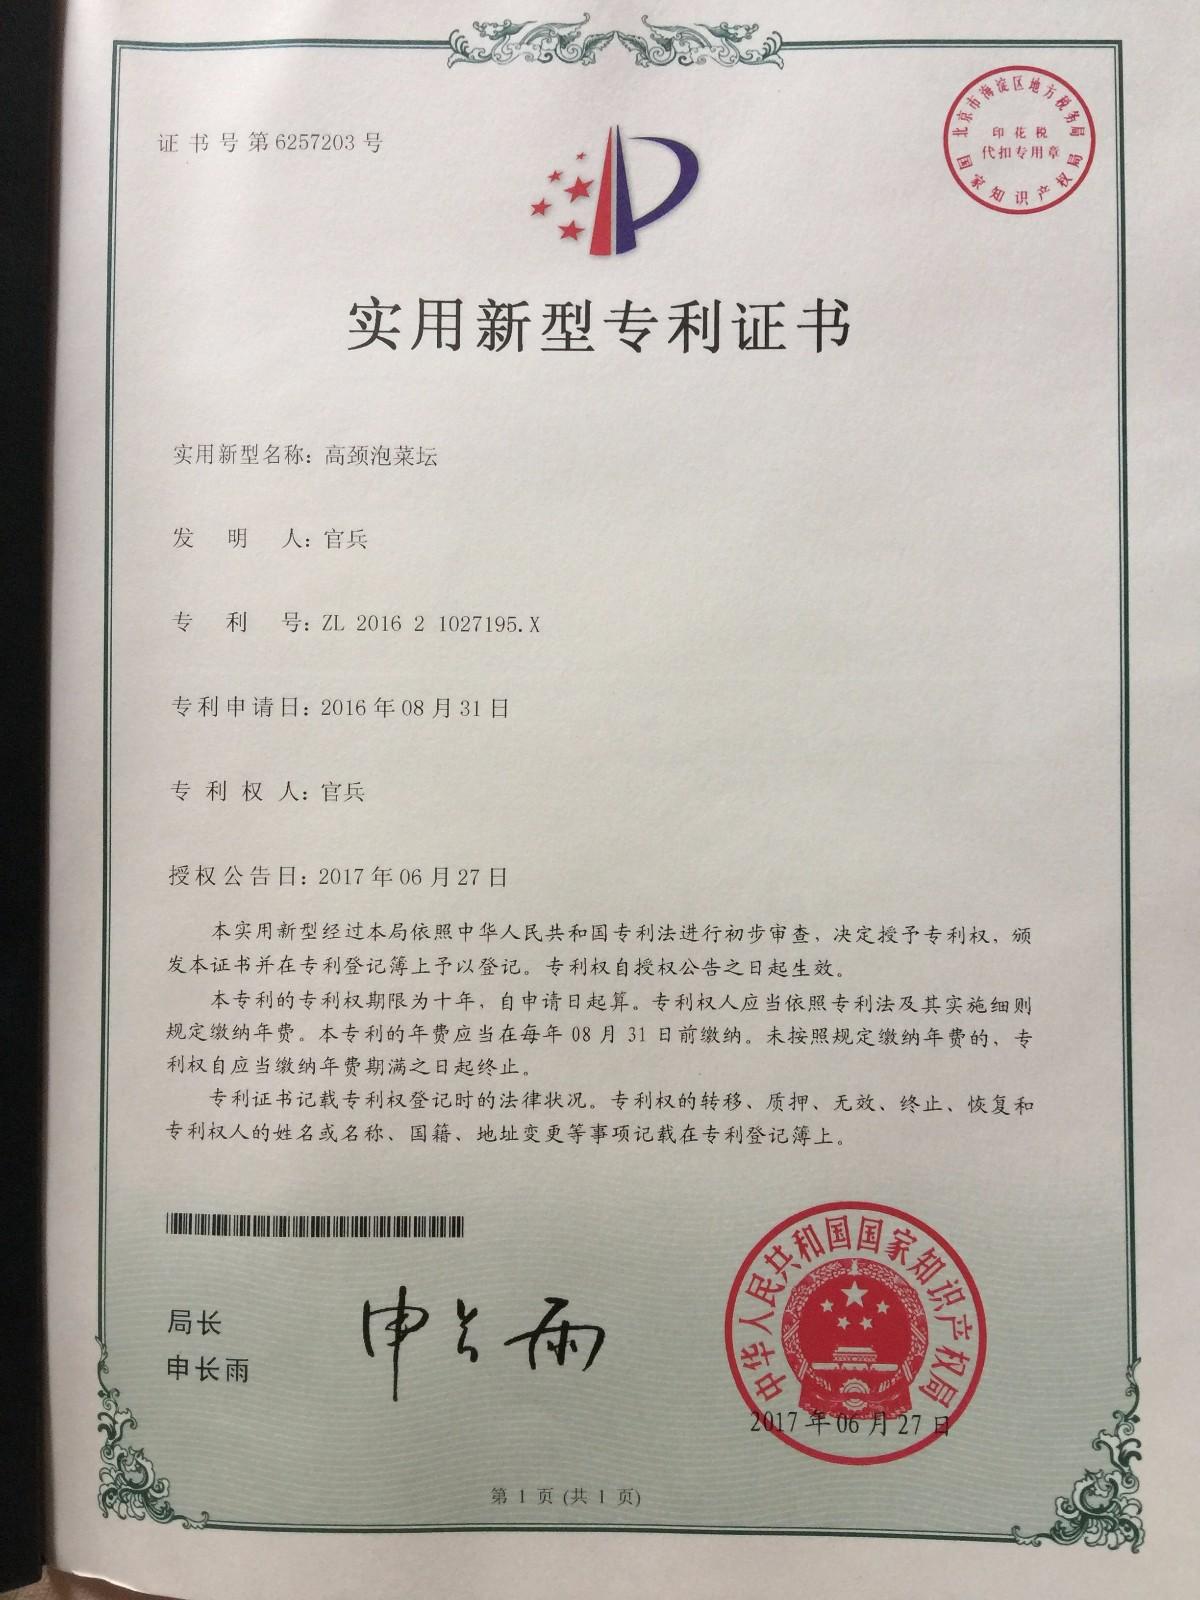 高颈泡菜坛专利证书